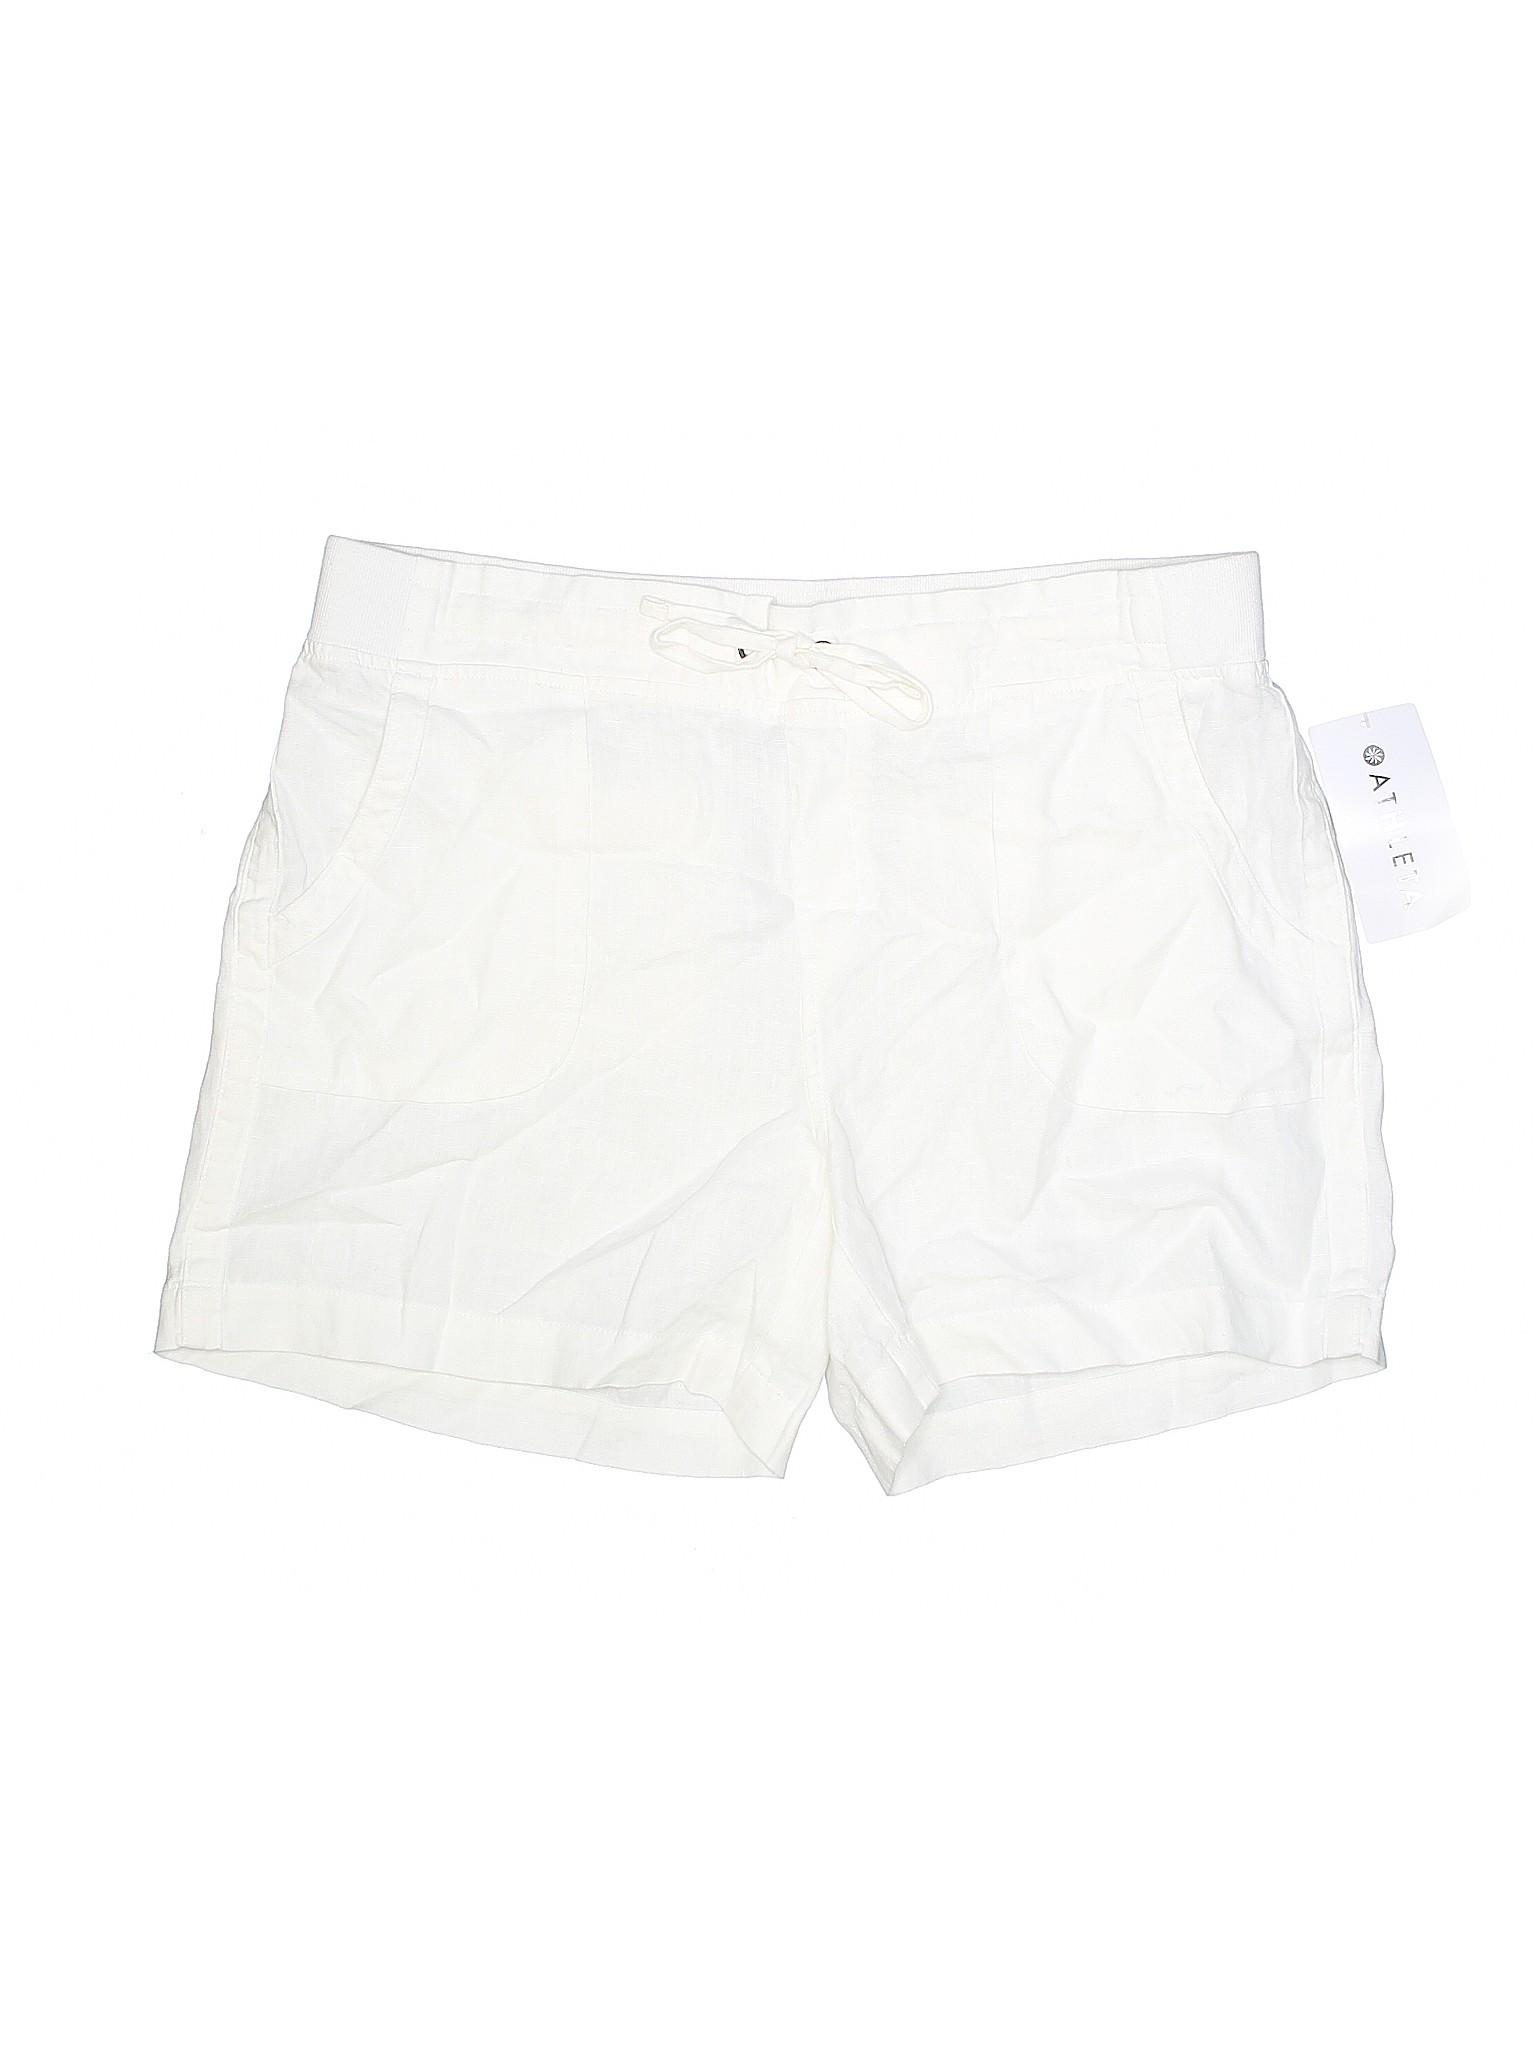 Boutique leisure Athleta Athletic Athletic leisure Shorts Athleta Boutique Shorts pECnUwIUq